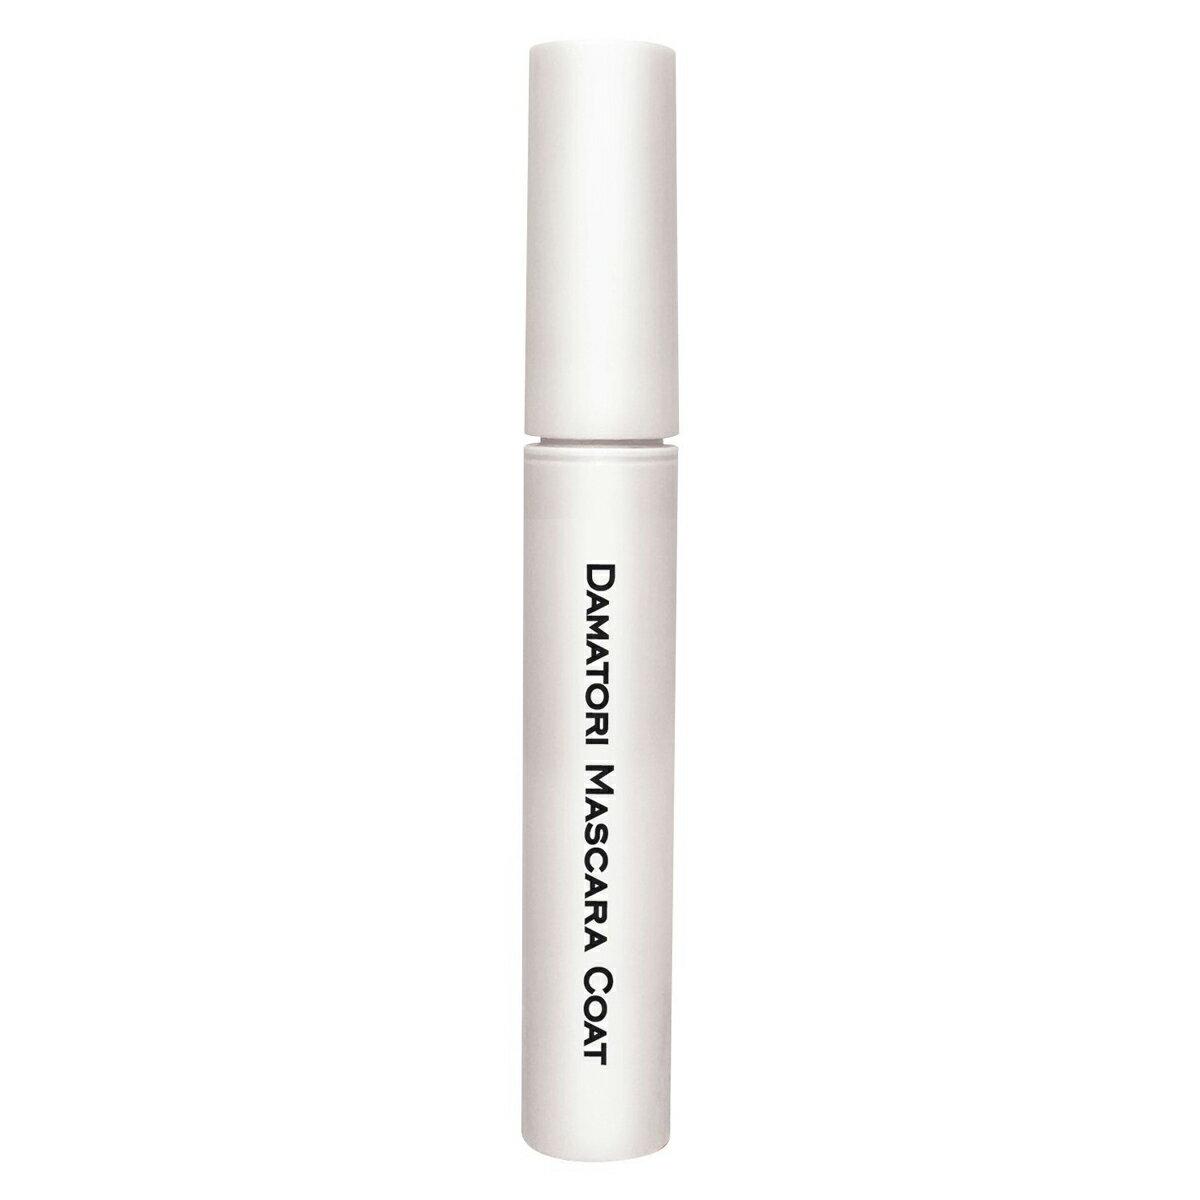 《日本製》NOBLE 結塊清除防暈睫毛雨衣 7ml 1